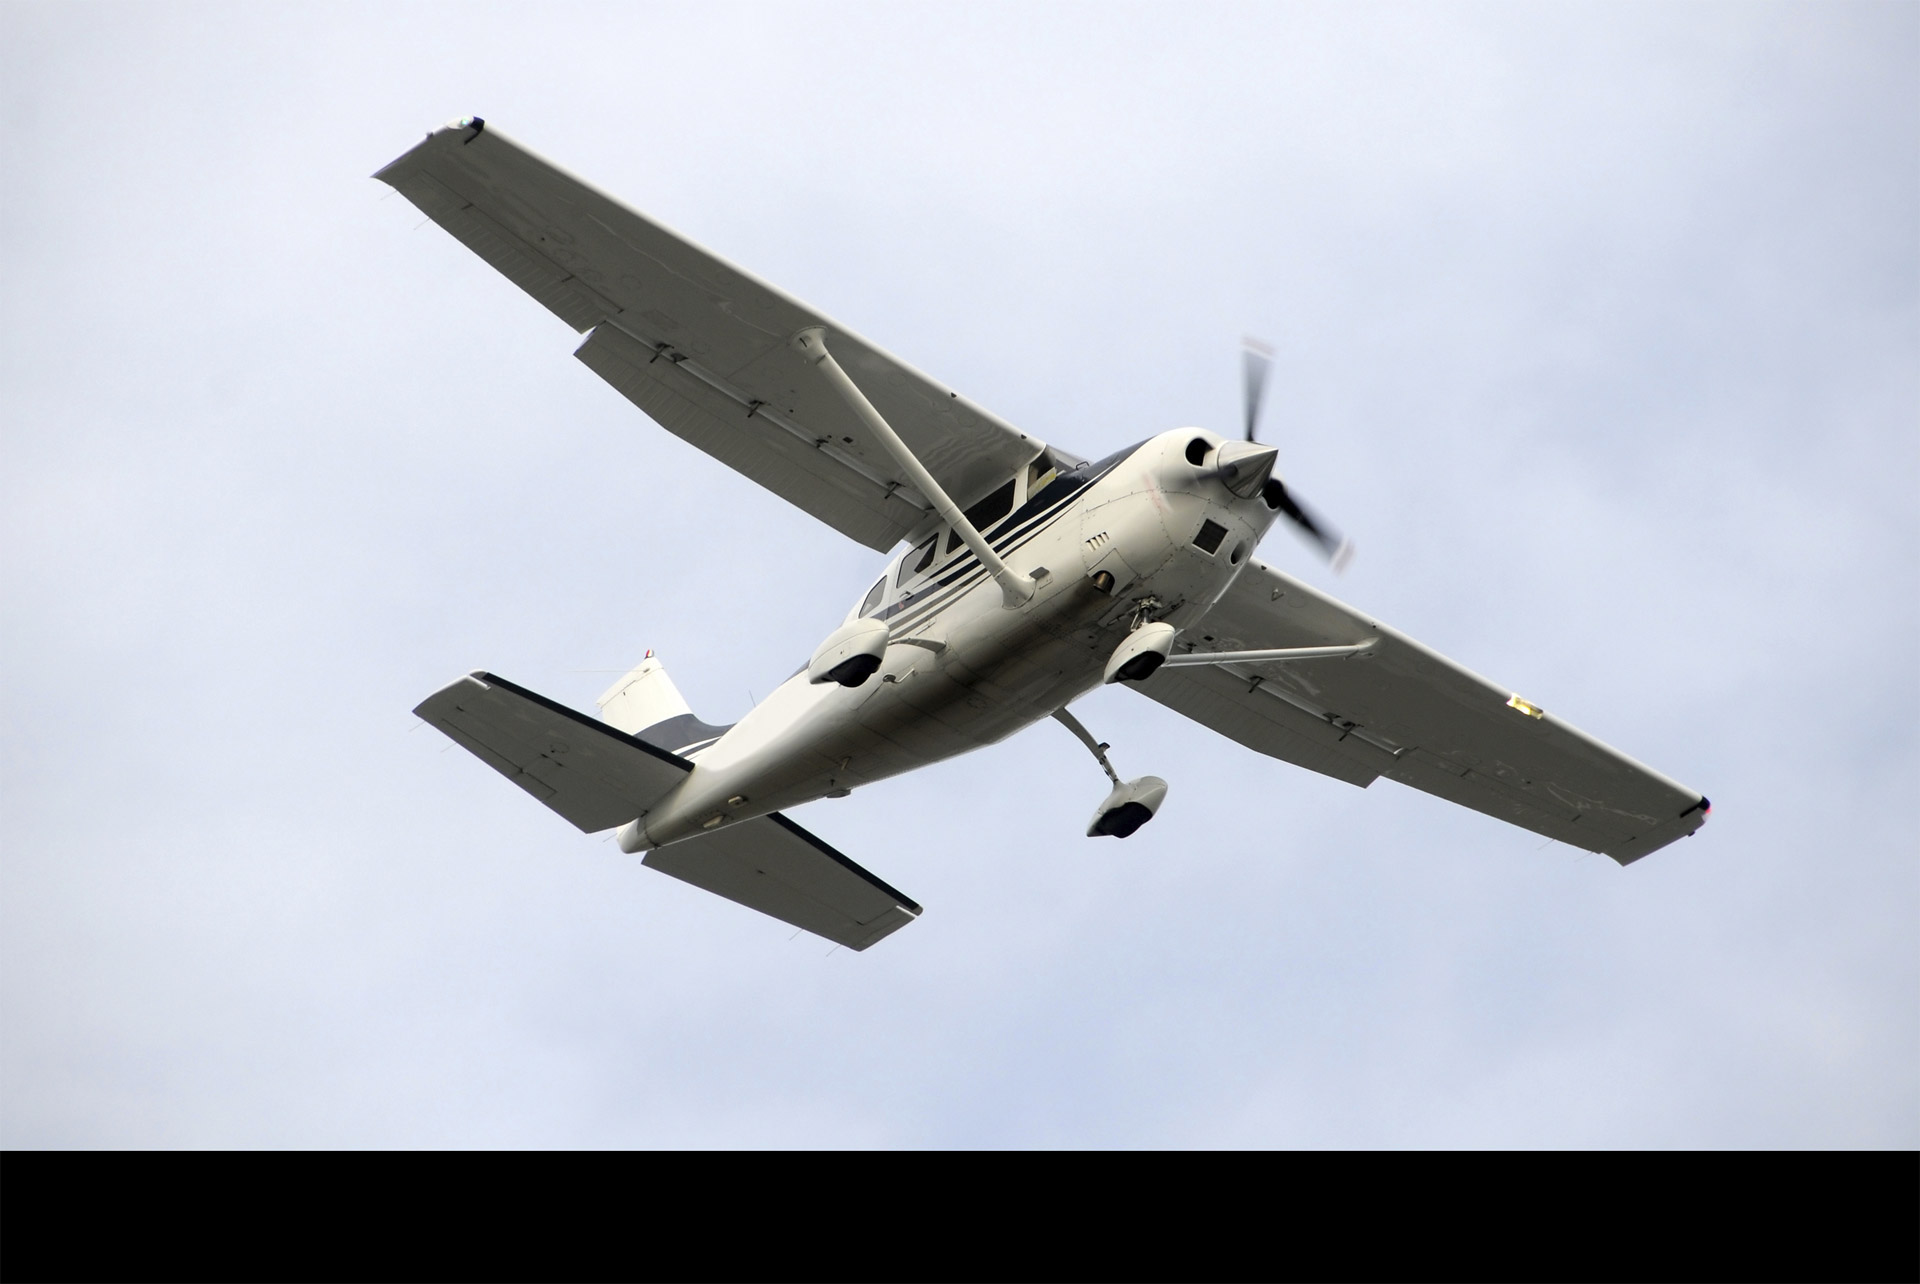 El piloto de la aeronave falleció en el accidente